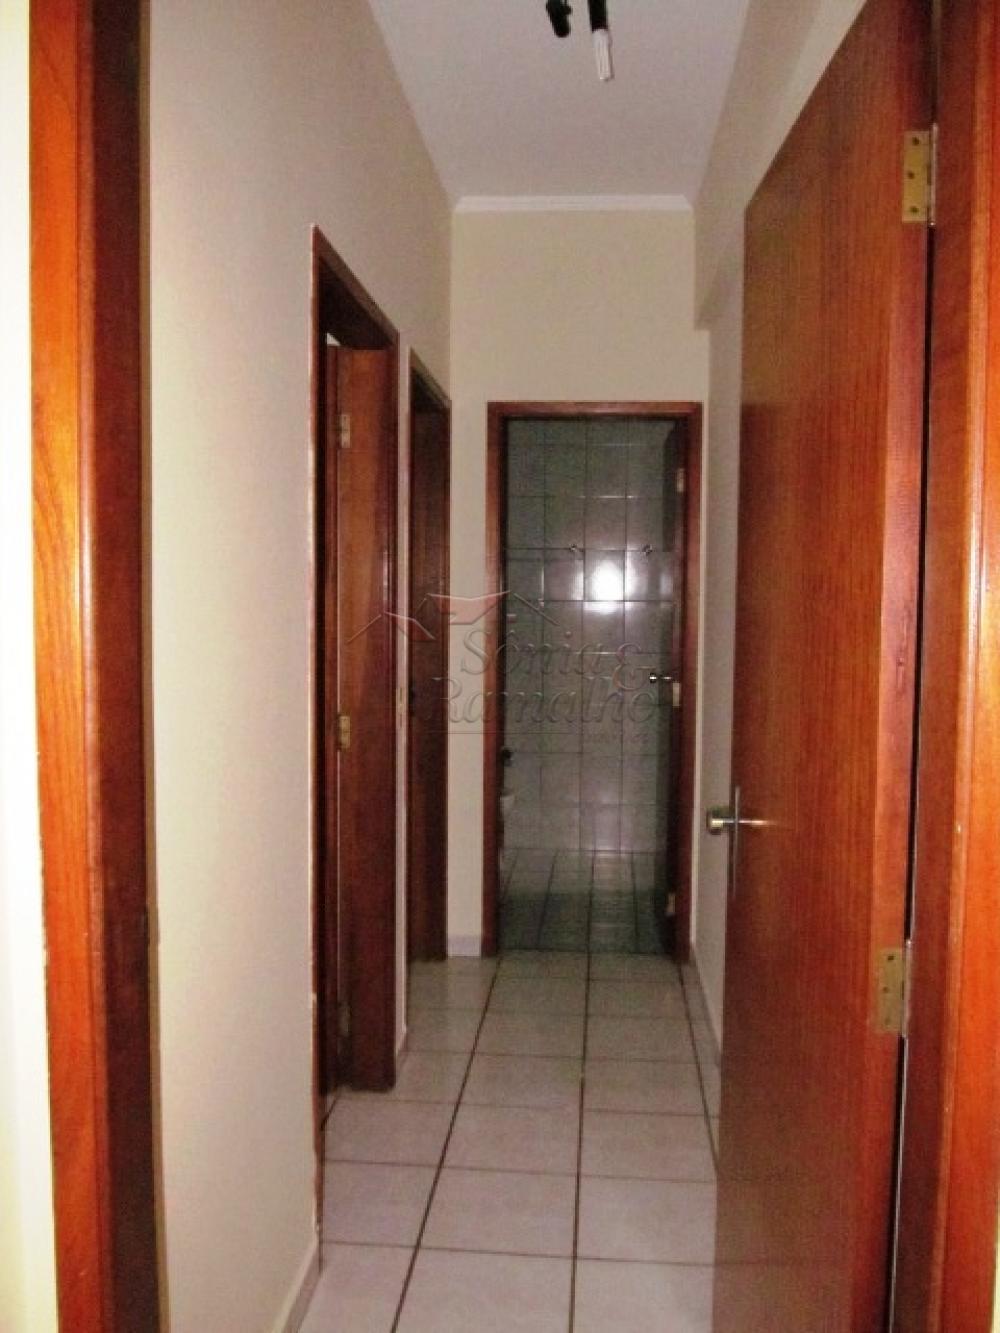 Alugar Apartamentos / Padrão em Ribeirão Preto R$ 950,00 - Foto 5